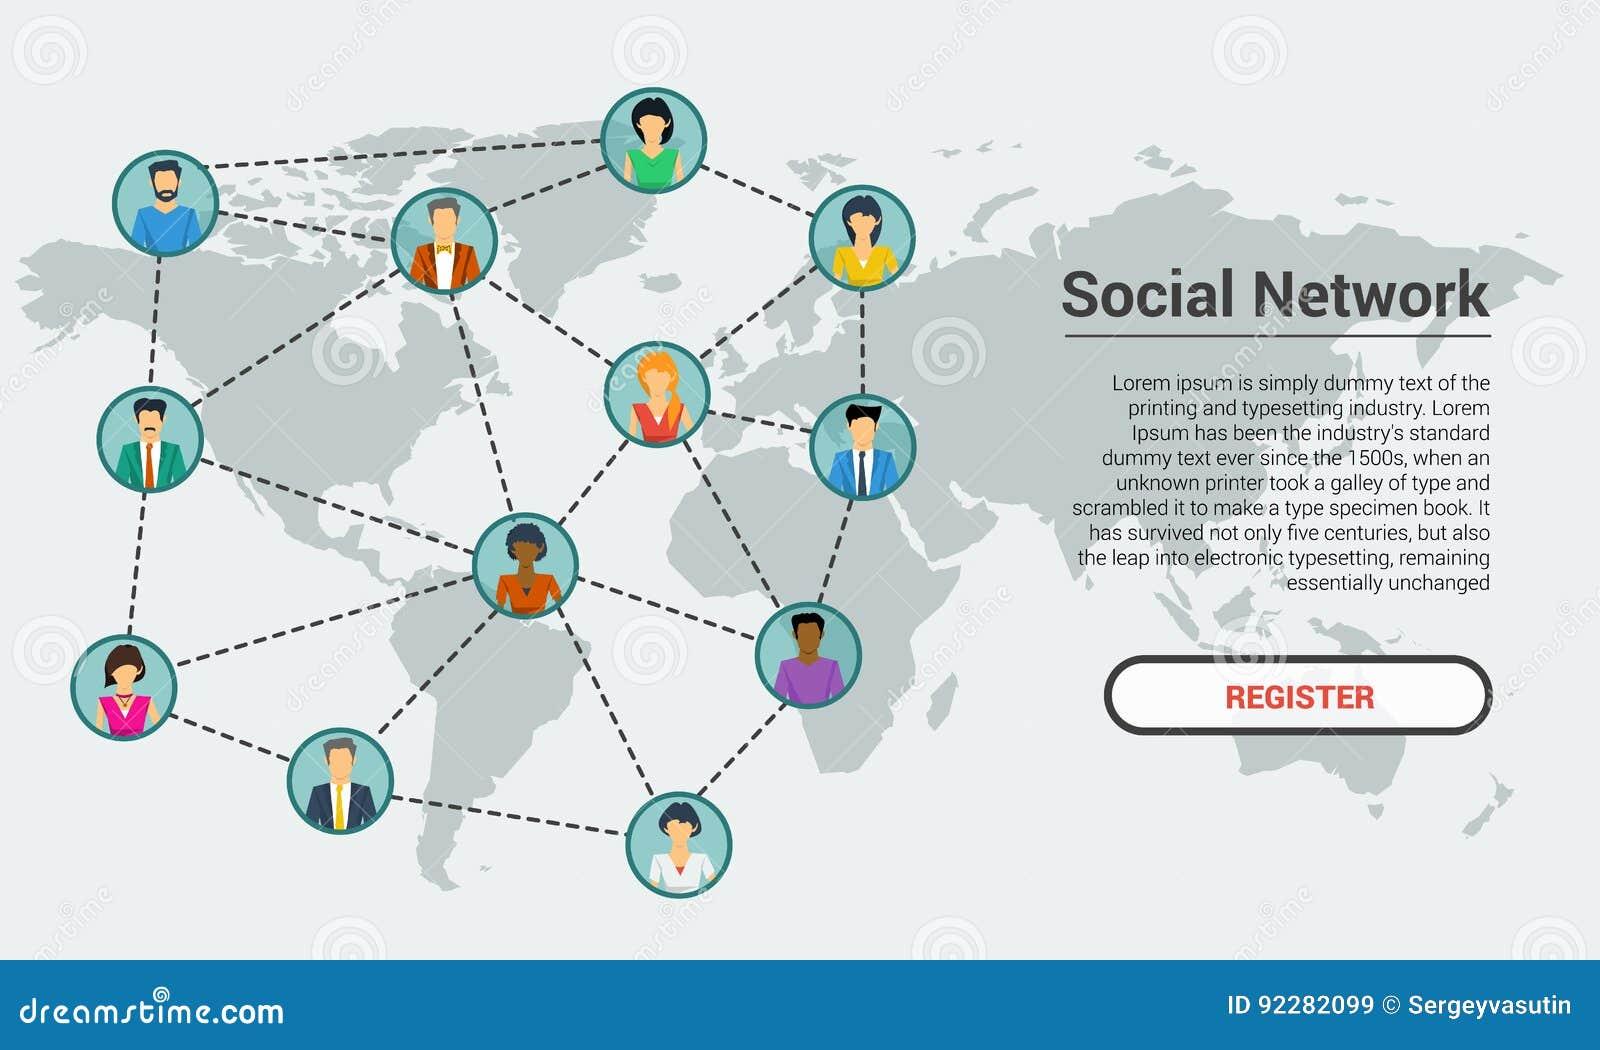 Social Network - Banner Template Stock Vector - Illustration